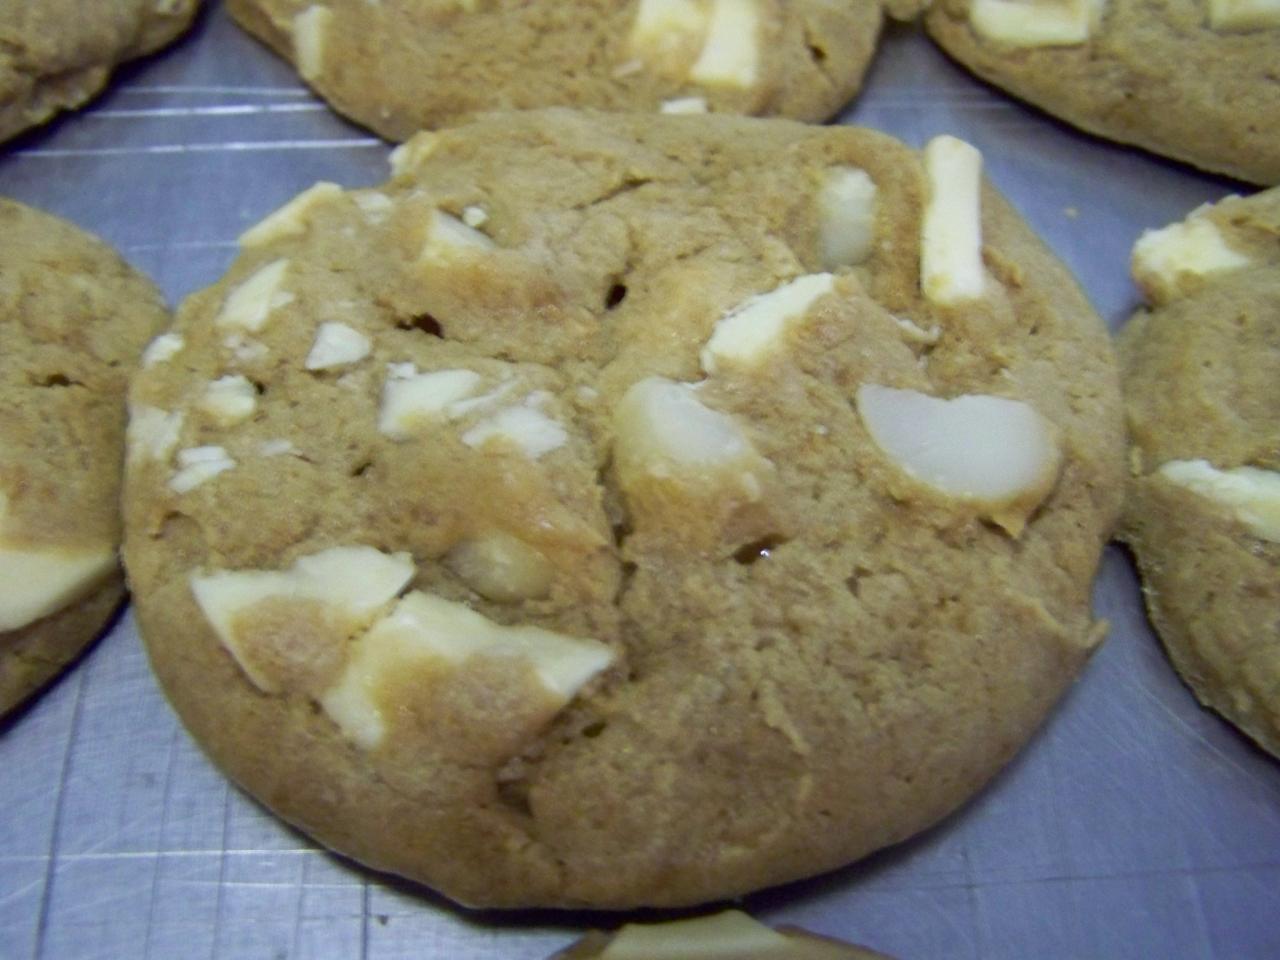 Gourmet Macadamia White Chocolate Chunk Cookies